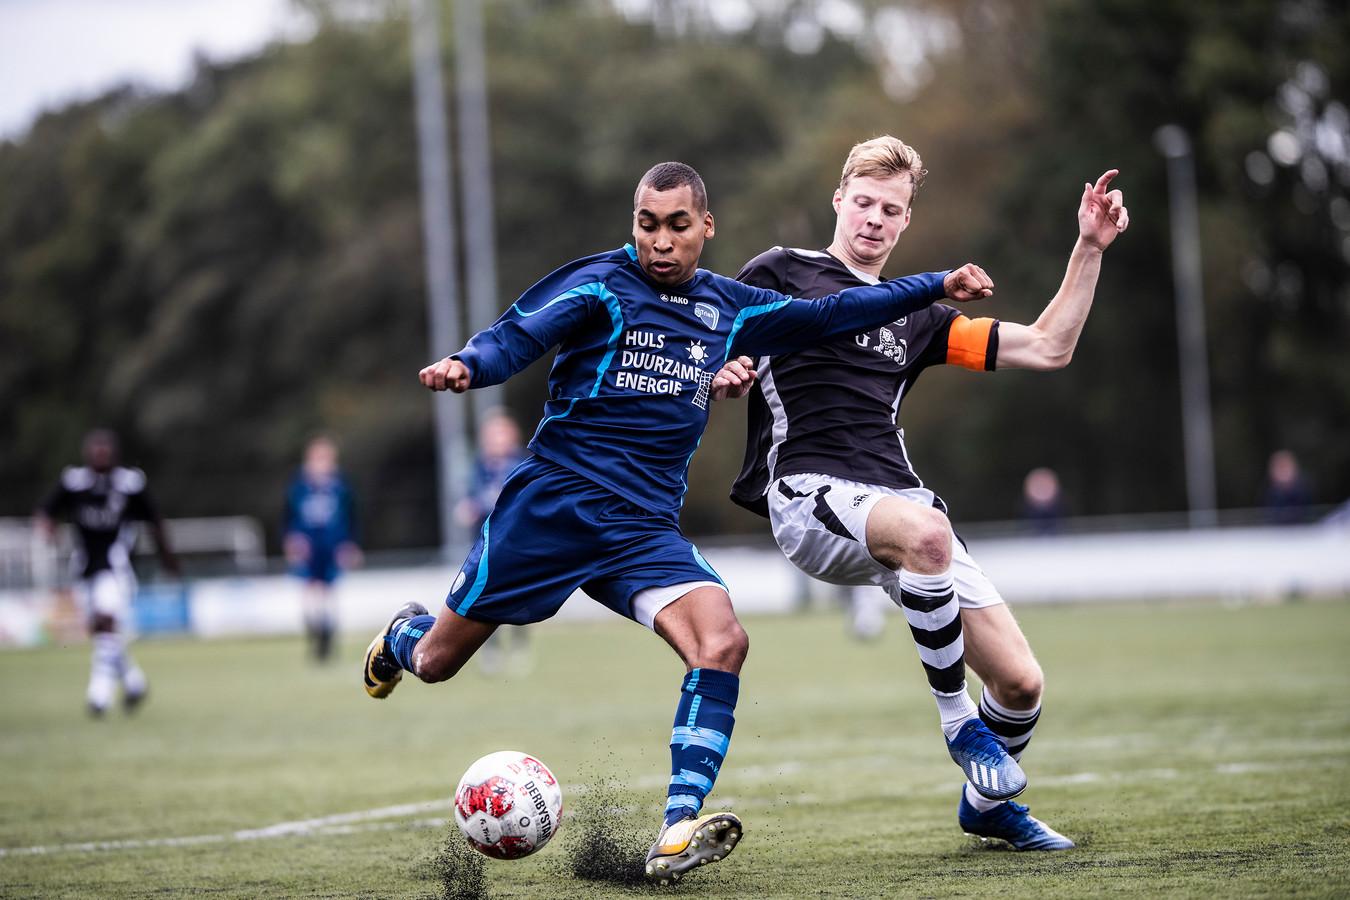 Aanvoerder Koen Snel, hier in duel tegen FC Trias, verruilt SML na dit seizoen voor zaterdag-eersteklasser DTS'35 uit Ede.